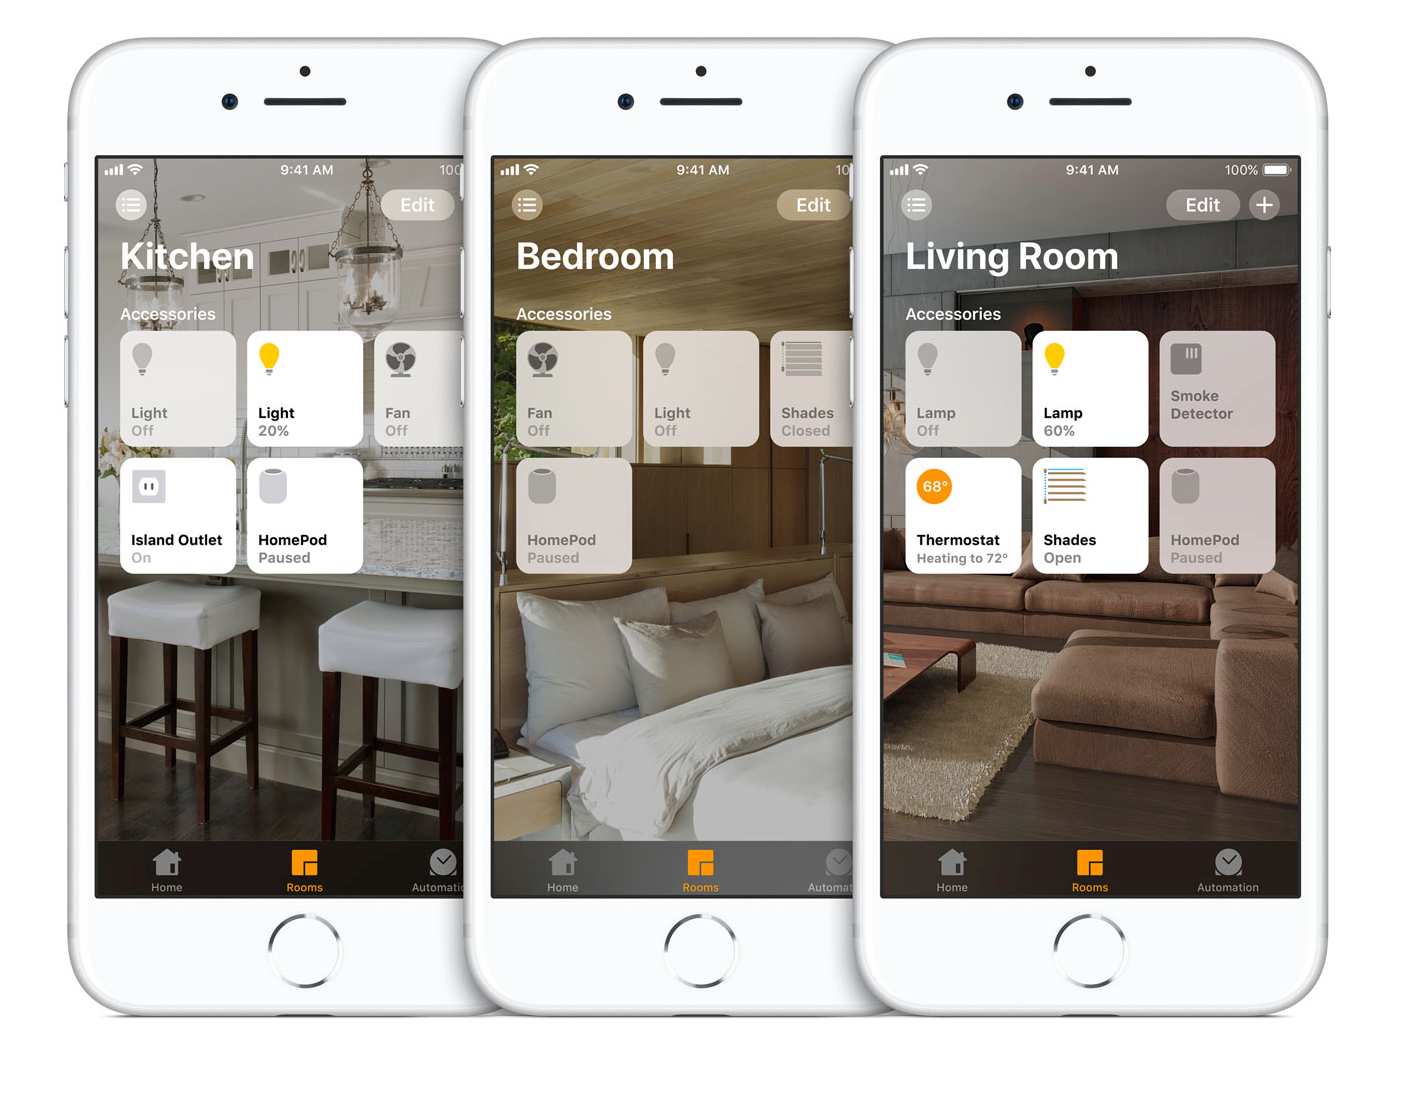 nejlepší aplikace pro připojení pro iPhone 2014 randění introvertní ženy